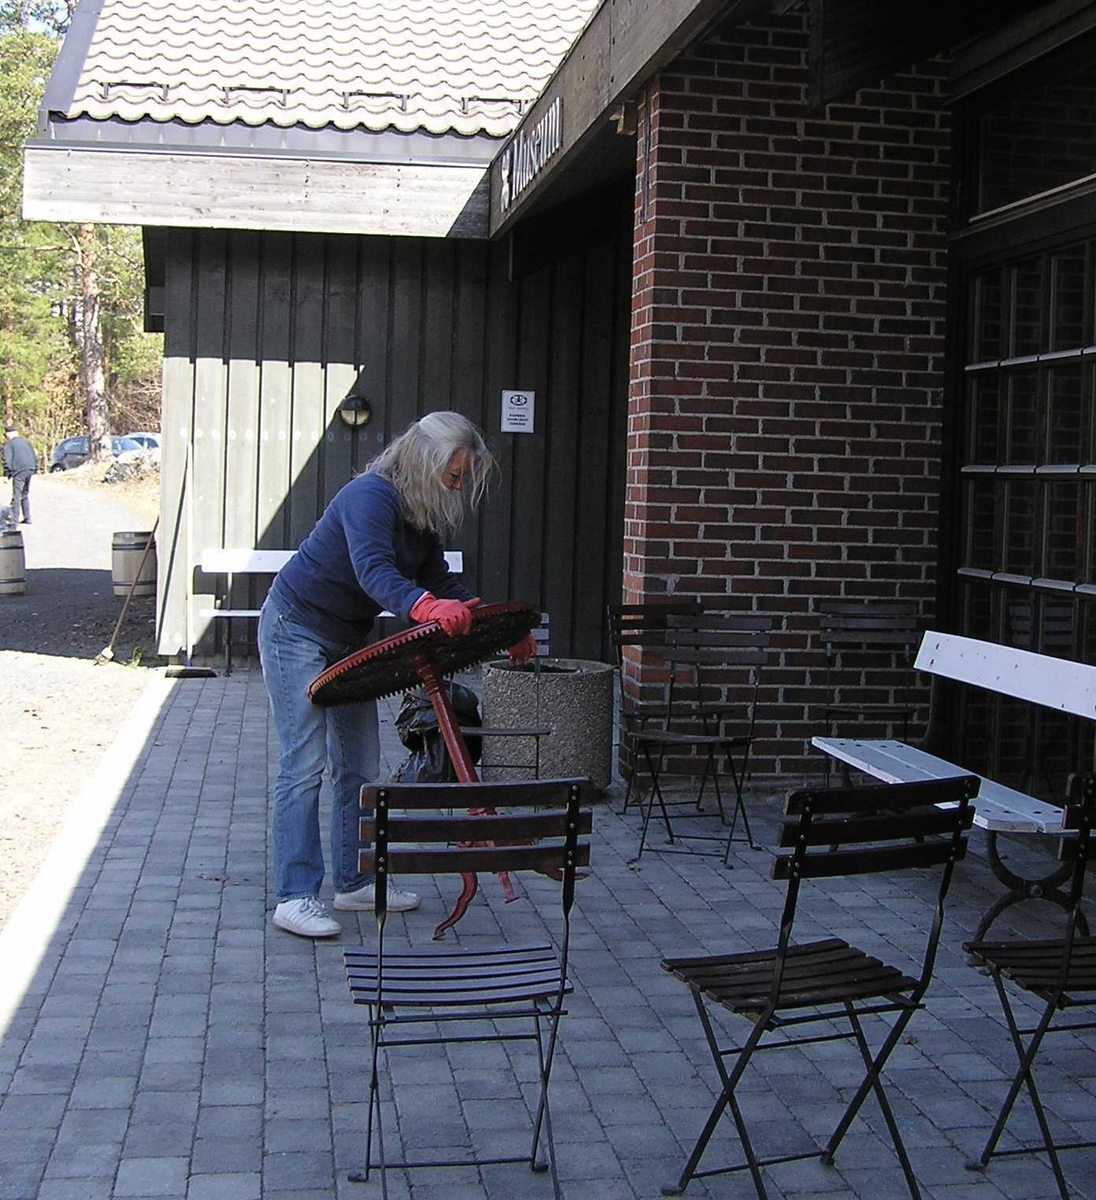 Berg - Kragerø museumsvenner ordner utenfor museet. 24.04.2010